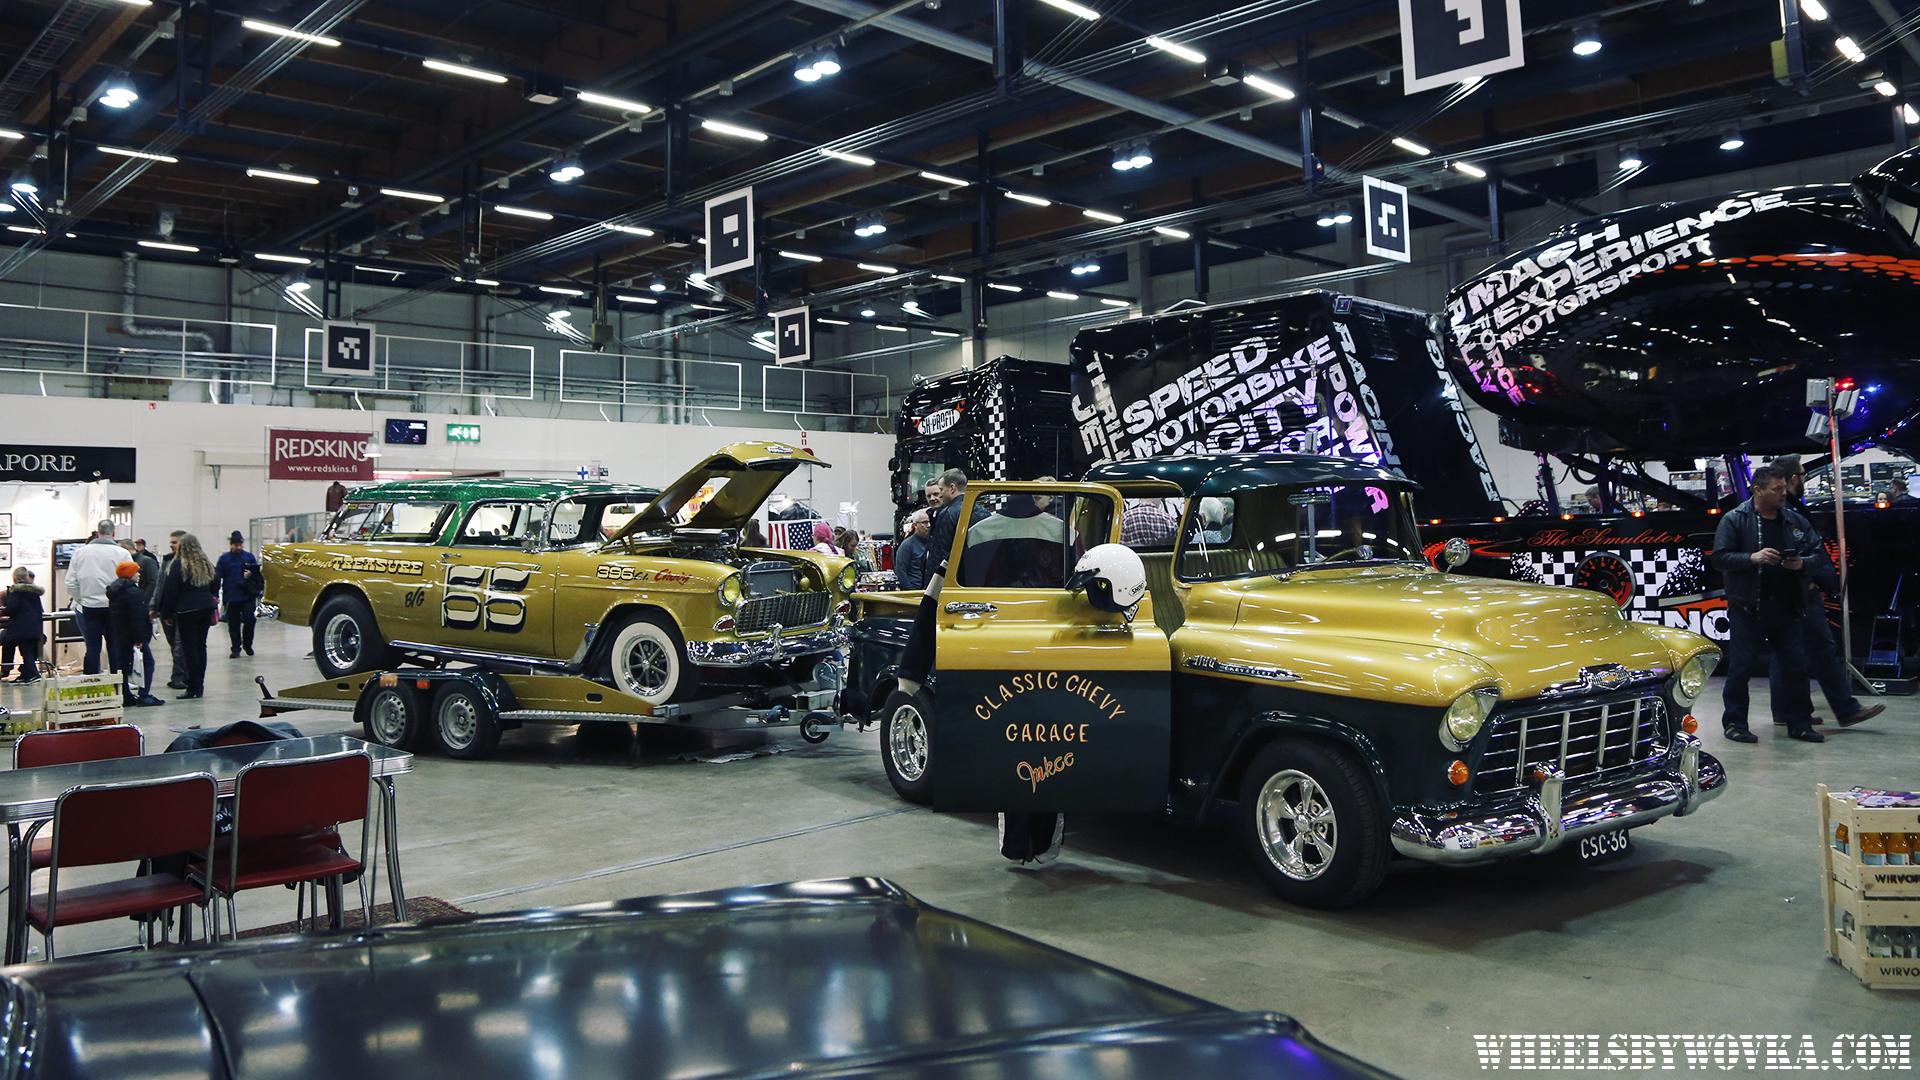 american-car-show-2018-helsinki-by-wheelsbywovka-9